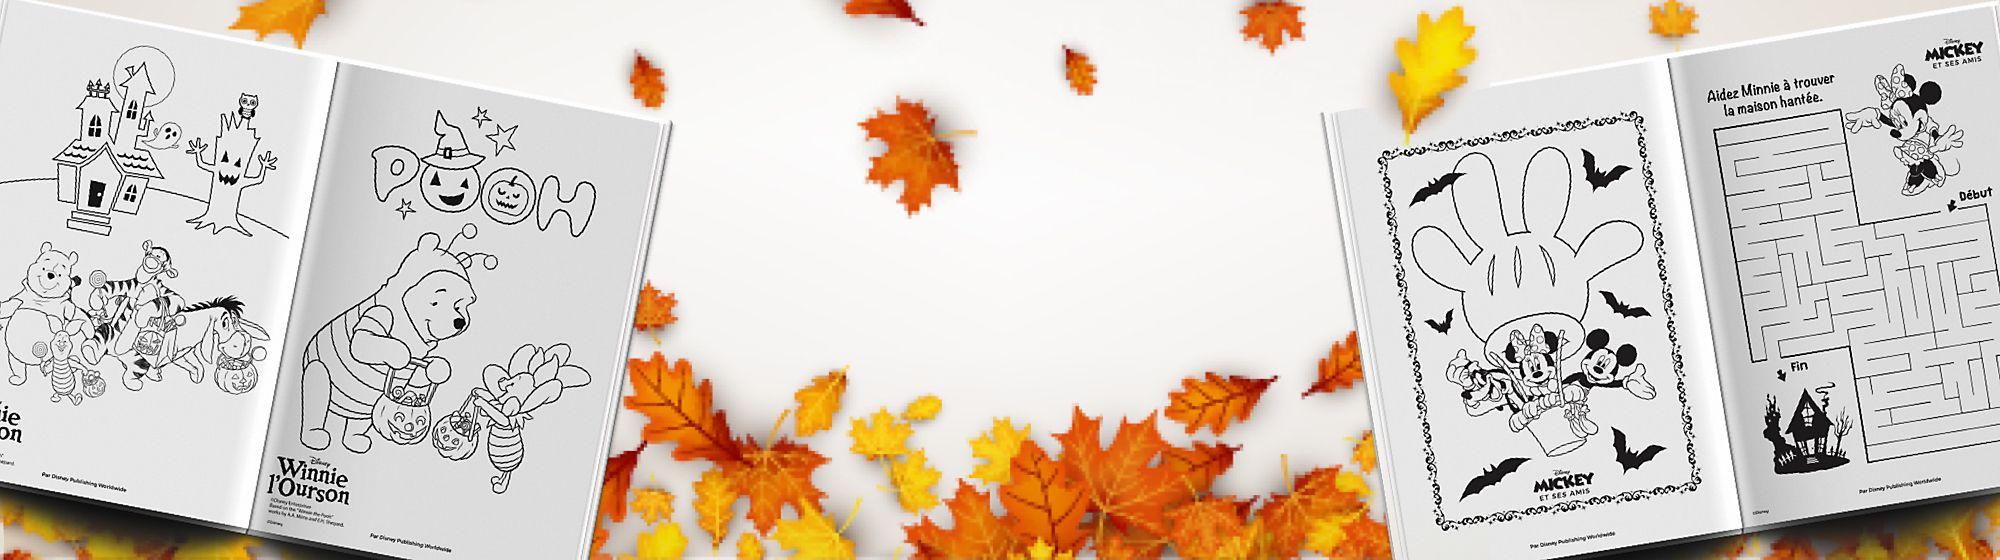 Activités automnales Pendant octobre, l'automne se pare de magie avec notre sélection d'activités à faire à la maison. EXPLORER